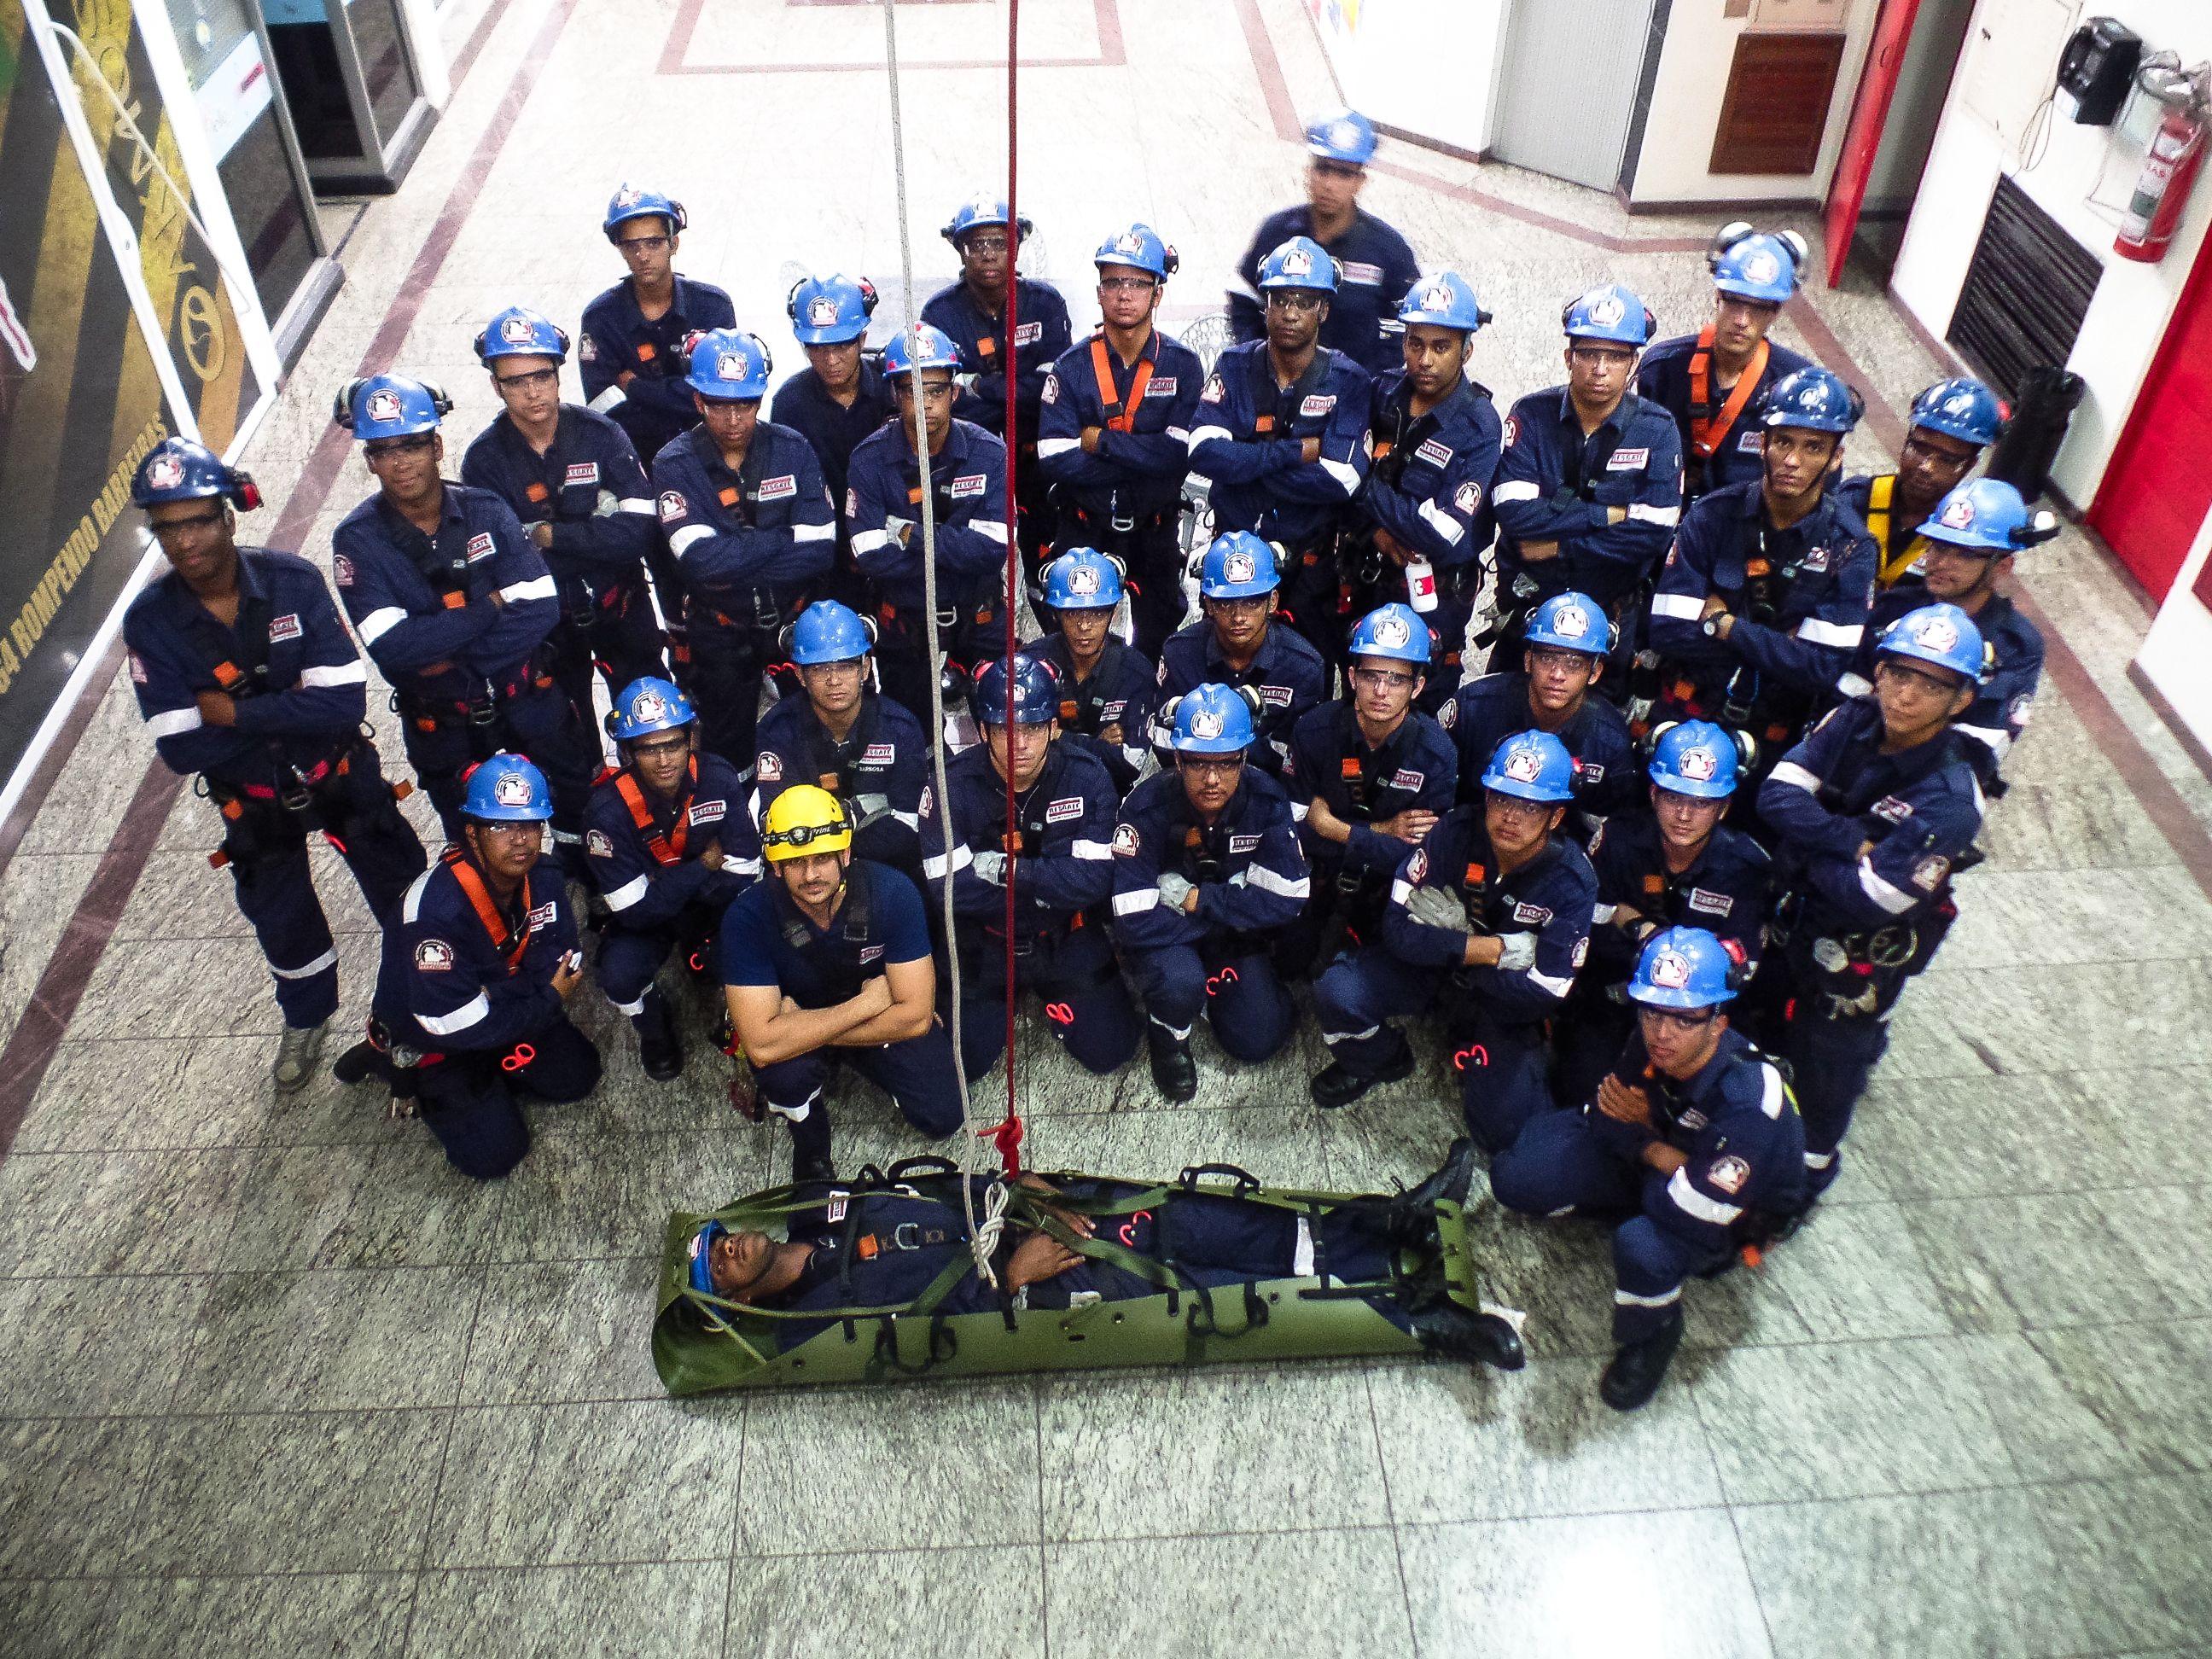 Turma Mike - Treinamento Bombeiro Civil